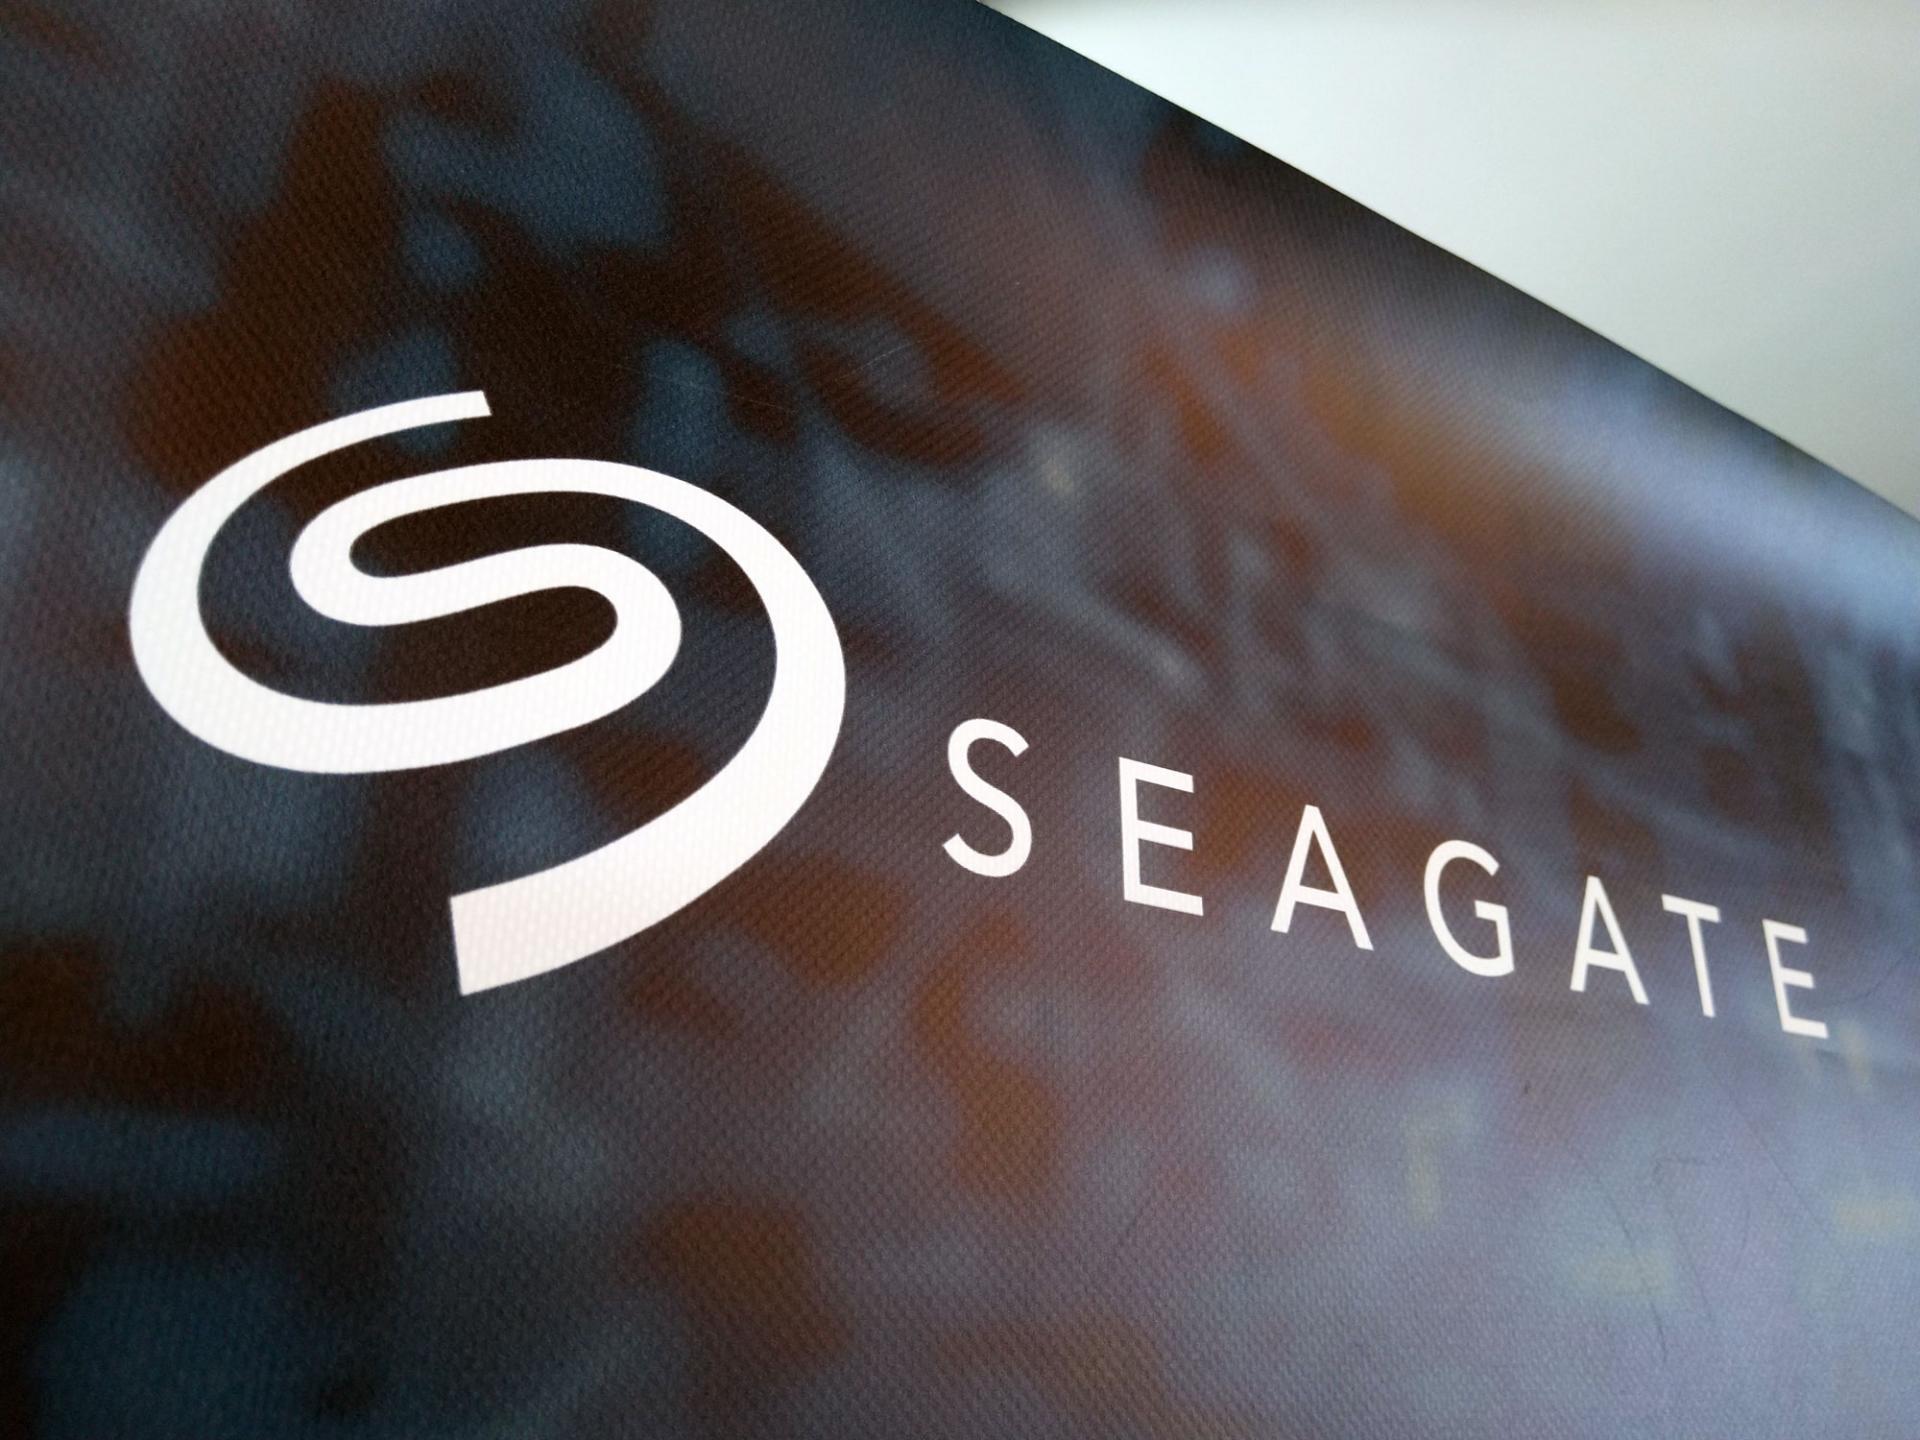 Поданным Seagate, российские компании используют лишь 50% собранных бизнес-данных